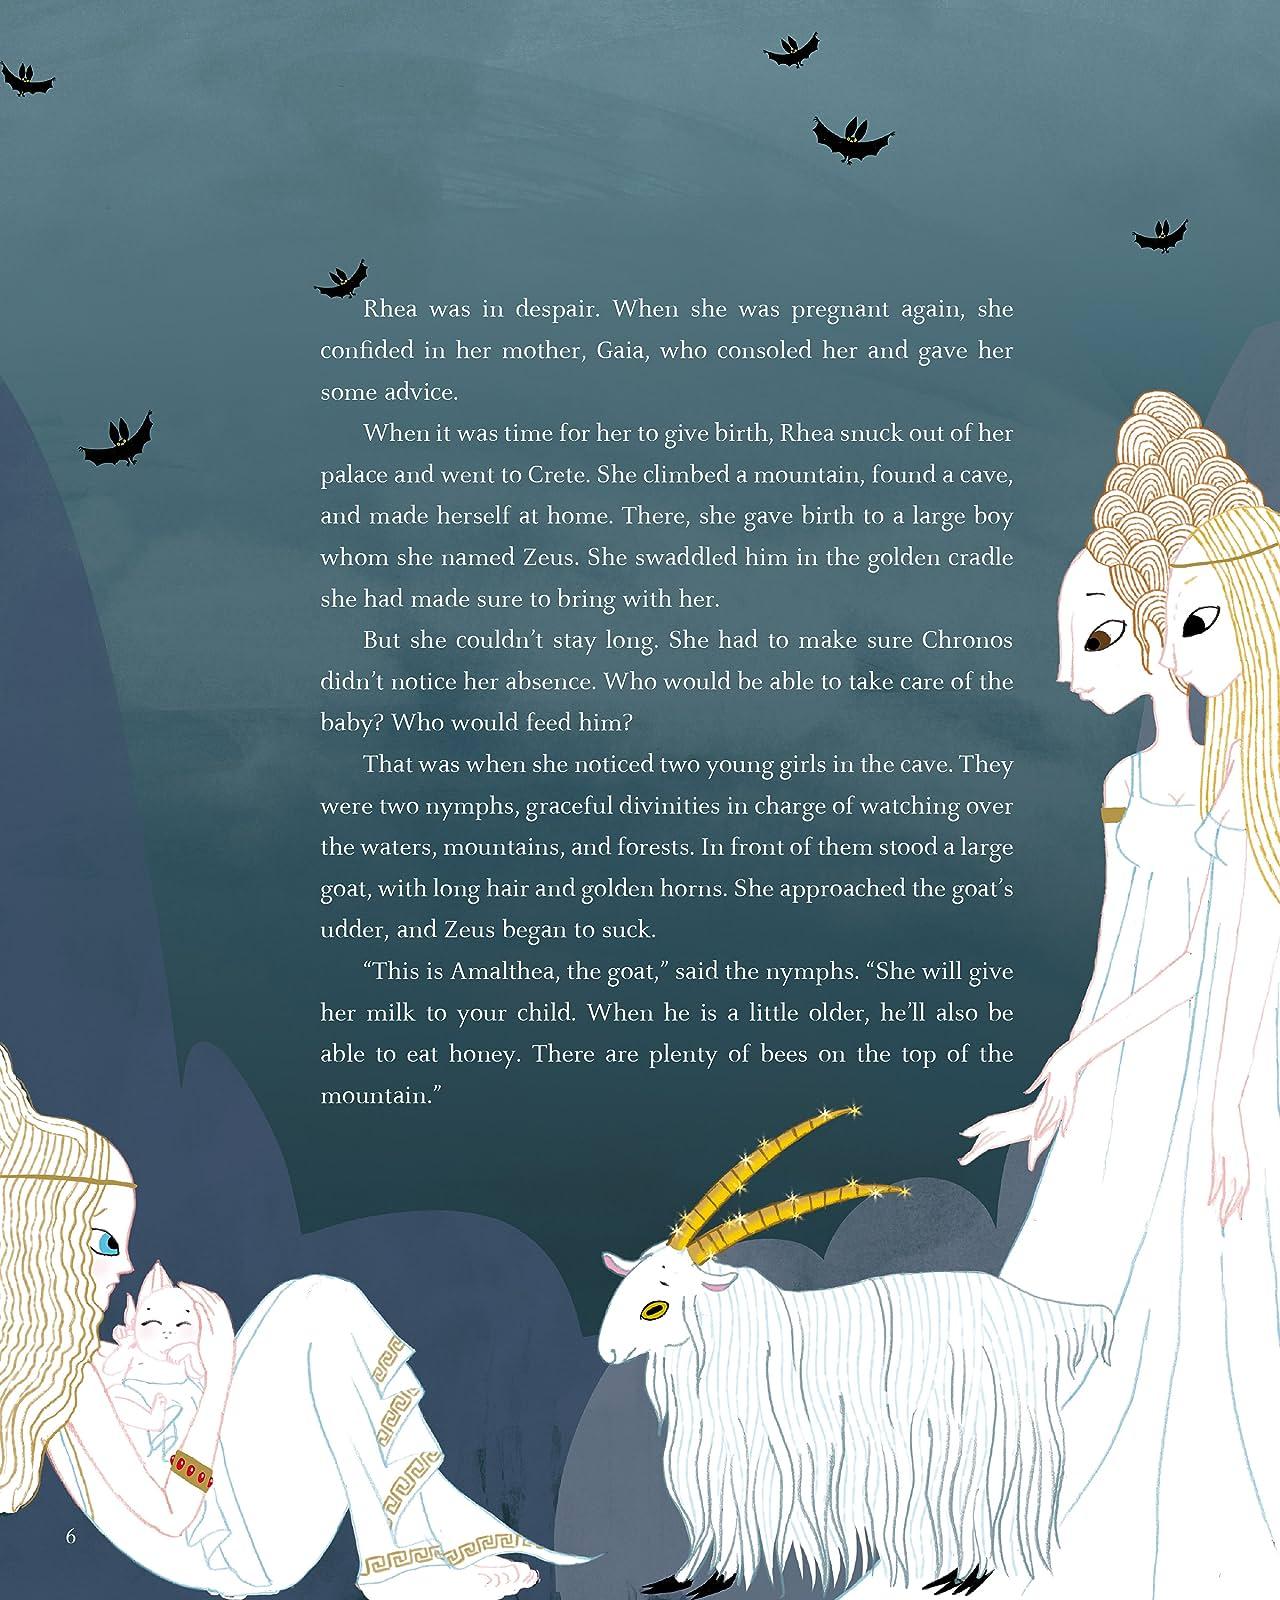 Αποτέλεσμα εικόνας για Mortals and Immortals of Greek Mythology